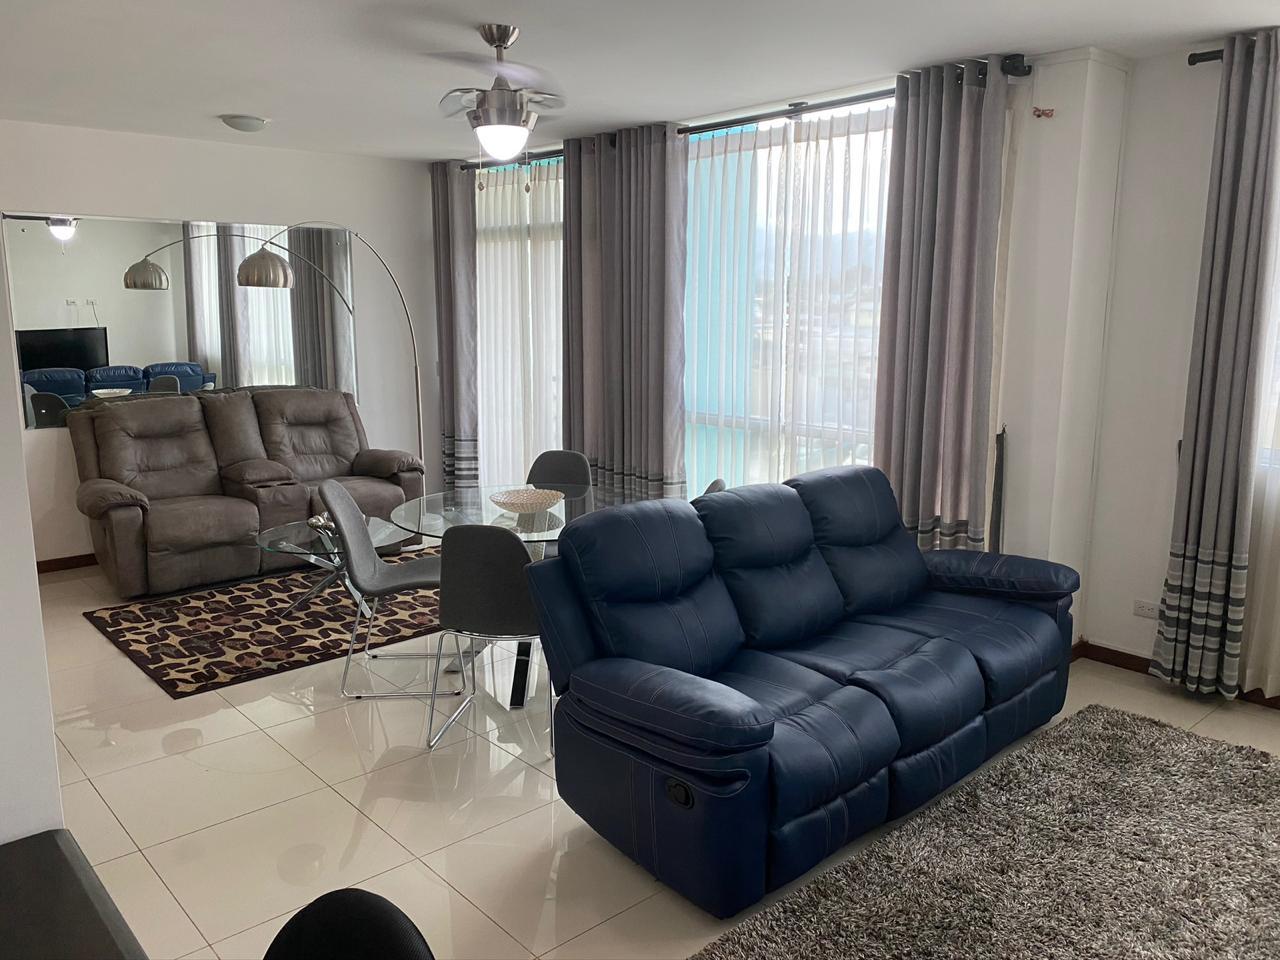 Se alquila apartamento amueblado en excelente estado, Bambú Eco Urbano.